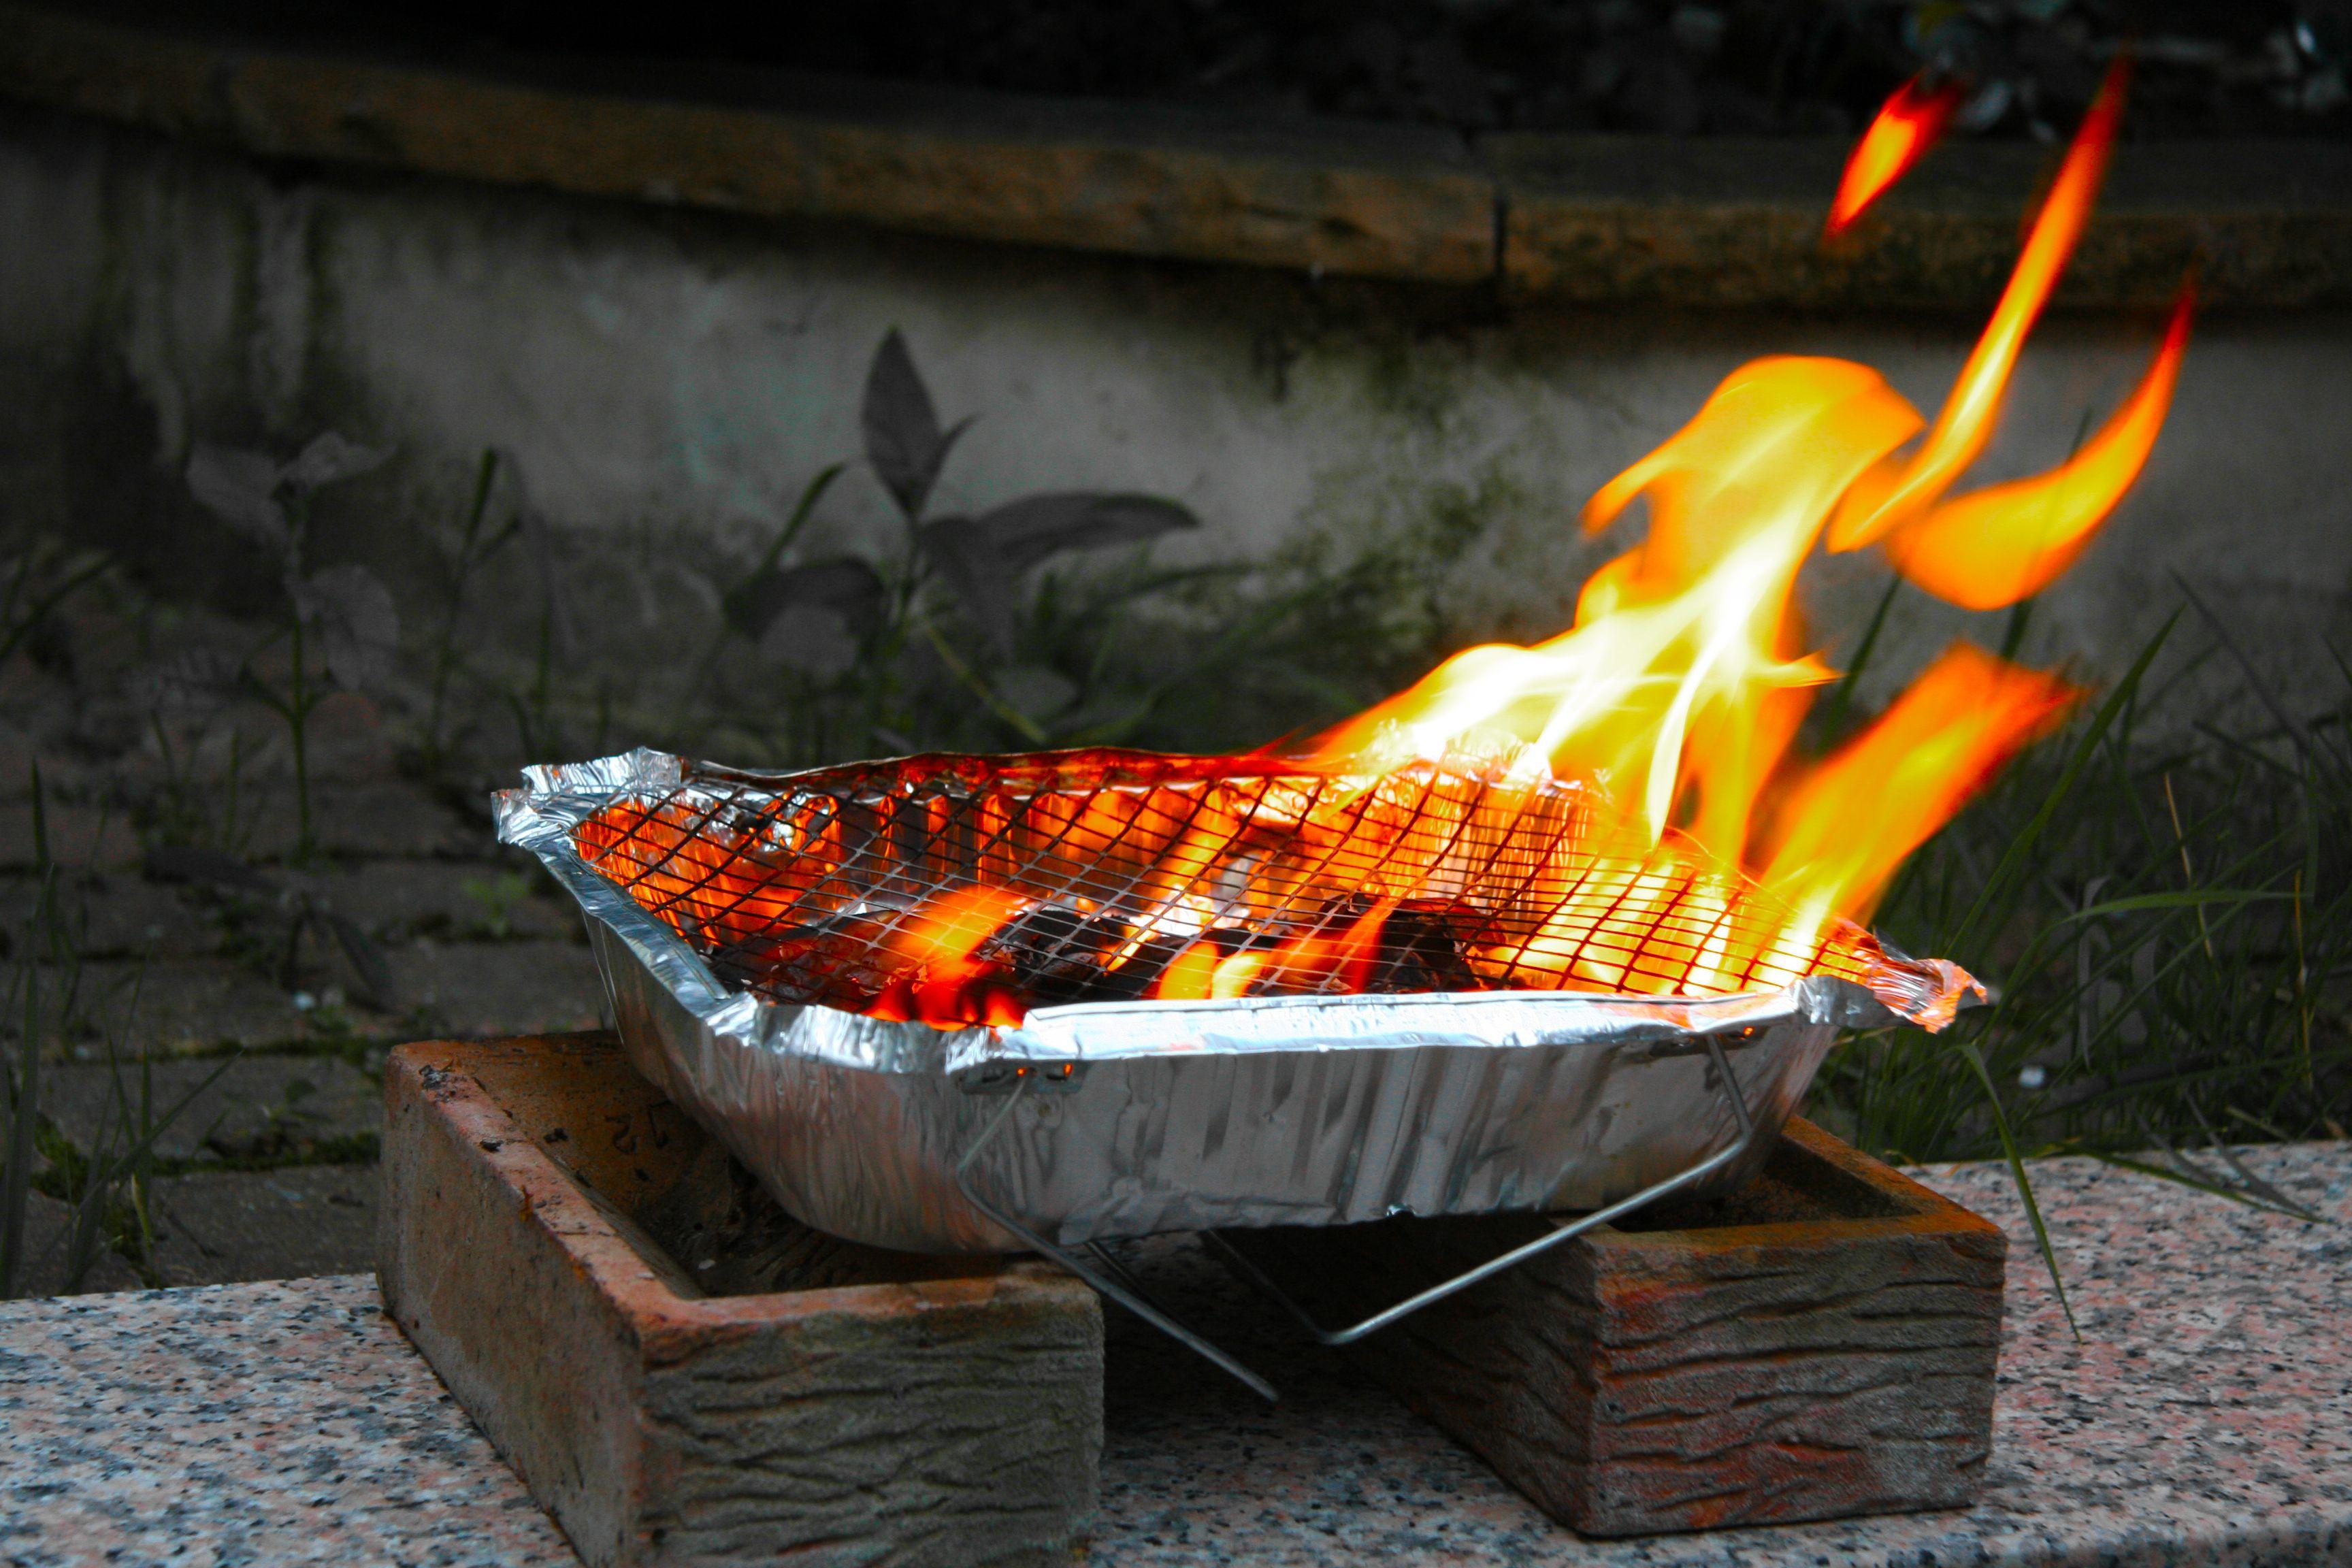 Roma, Barbecue Letale: Romeno in Ospedale dopo Esplosione